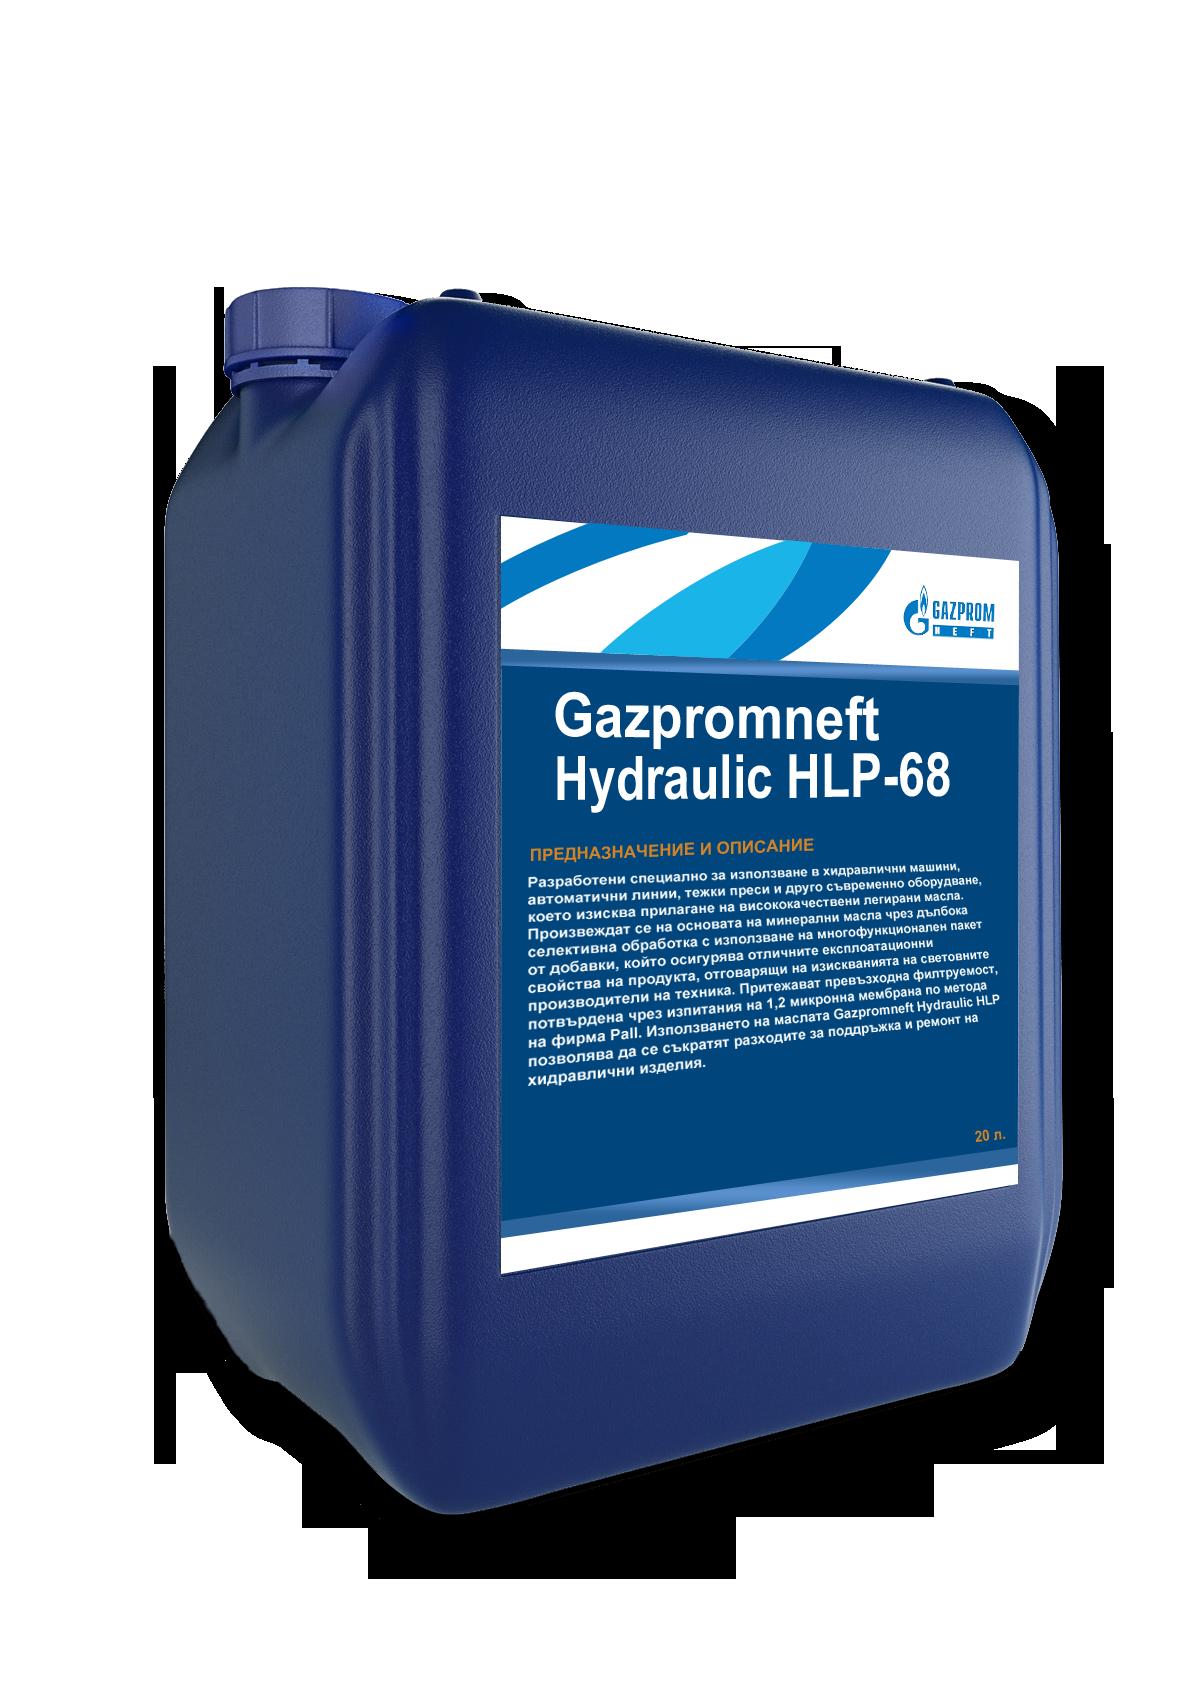 Газпромнефть HLP 68 - Гидравлическое индустриальное масло (20л)